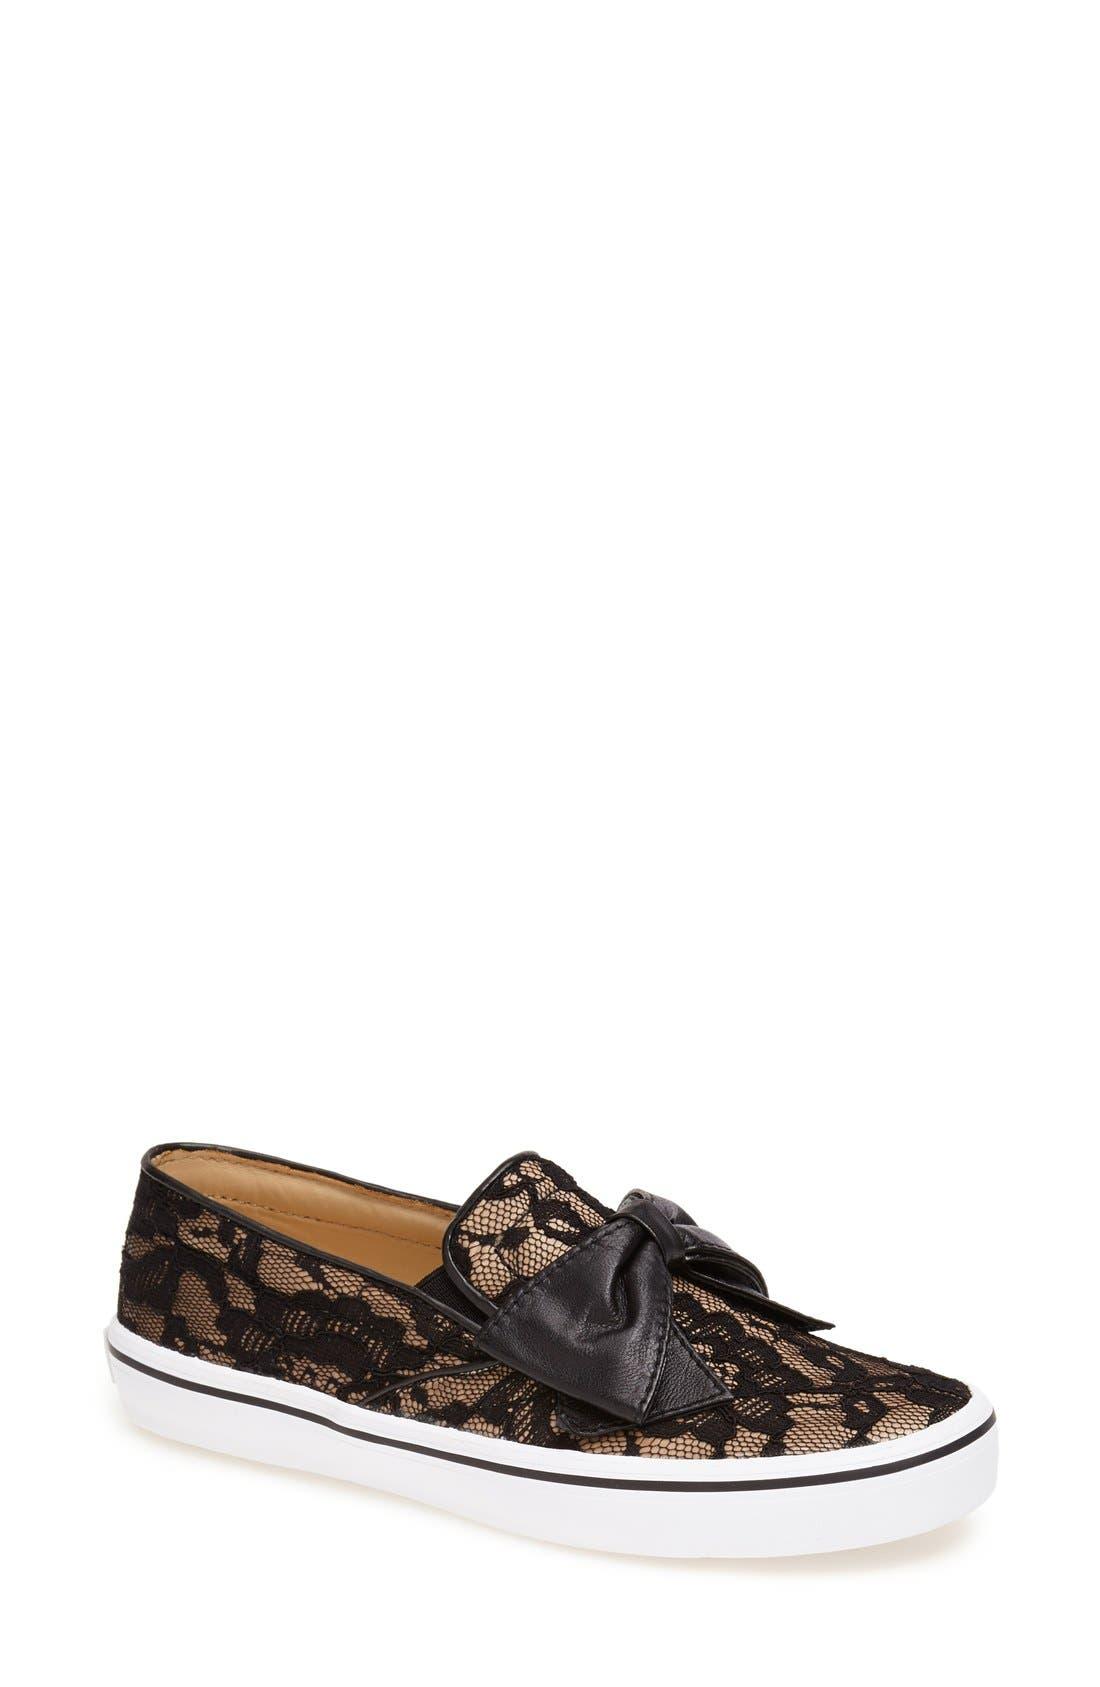 KATE SPADE NEW YORK,                             'delise' slip-on sneaker,                             Main thumbnail 1, color,                             001